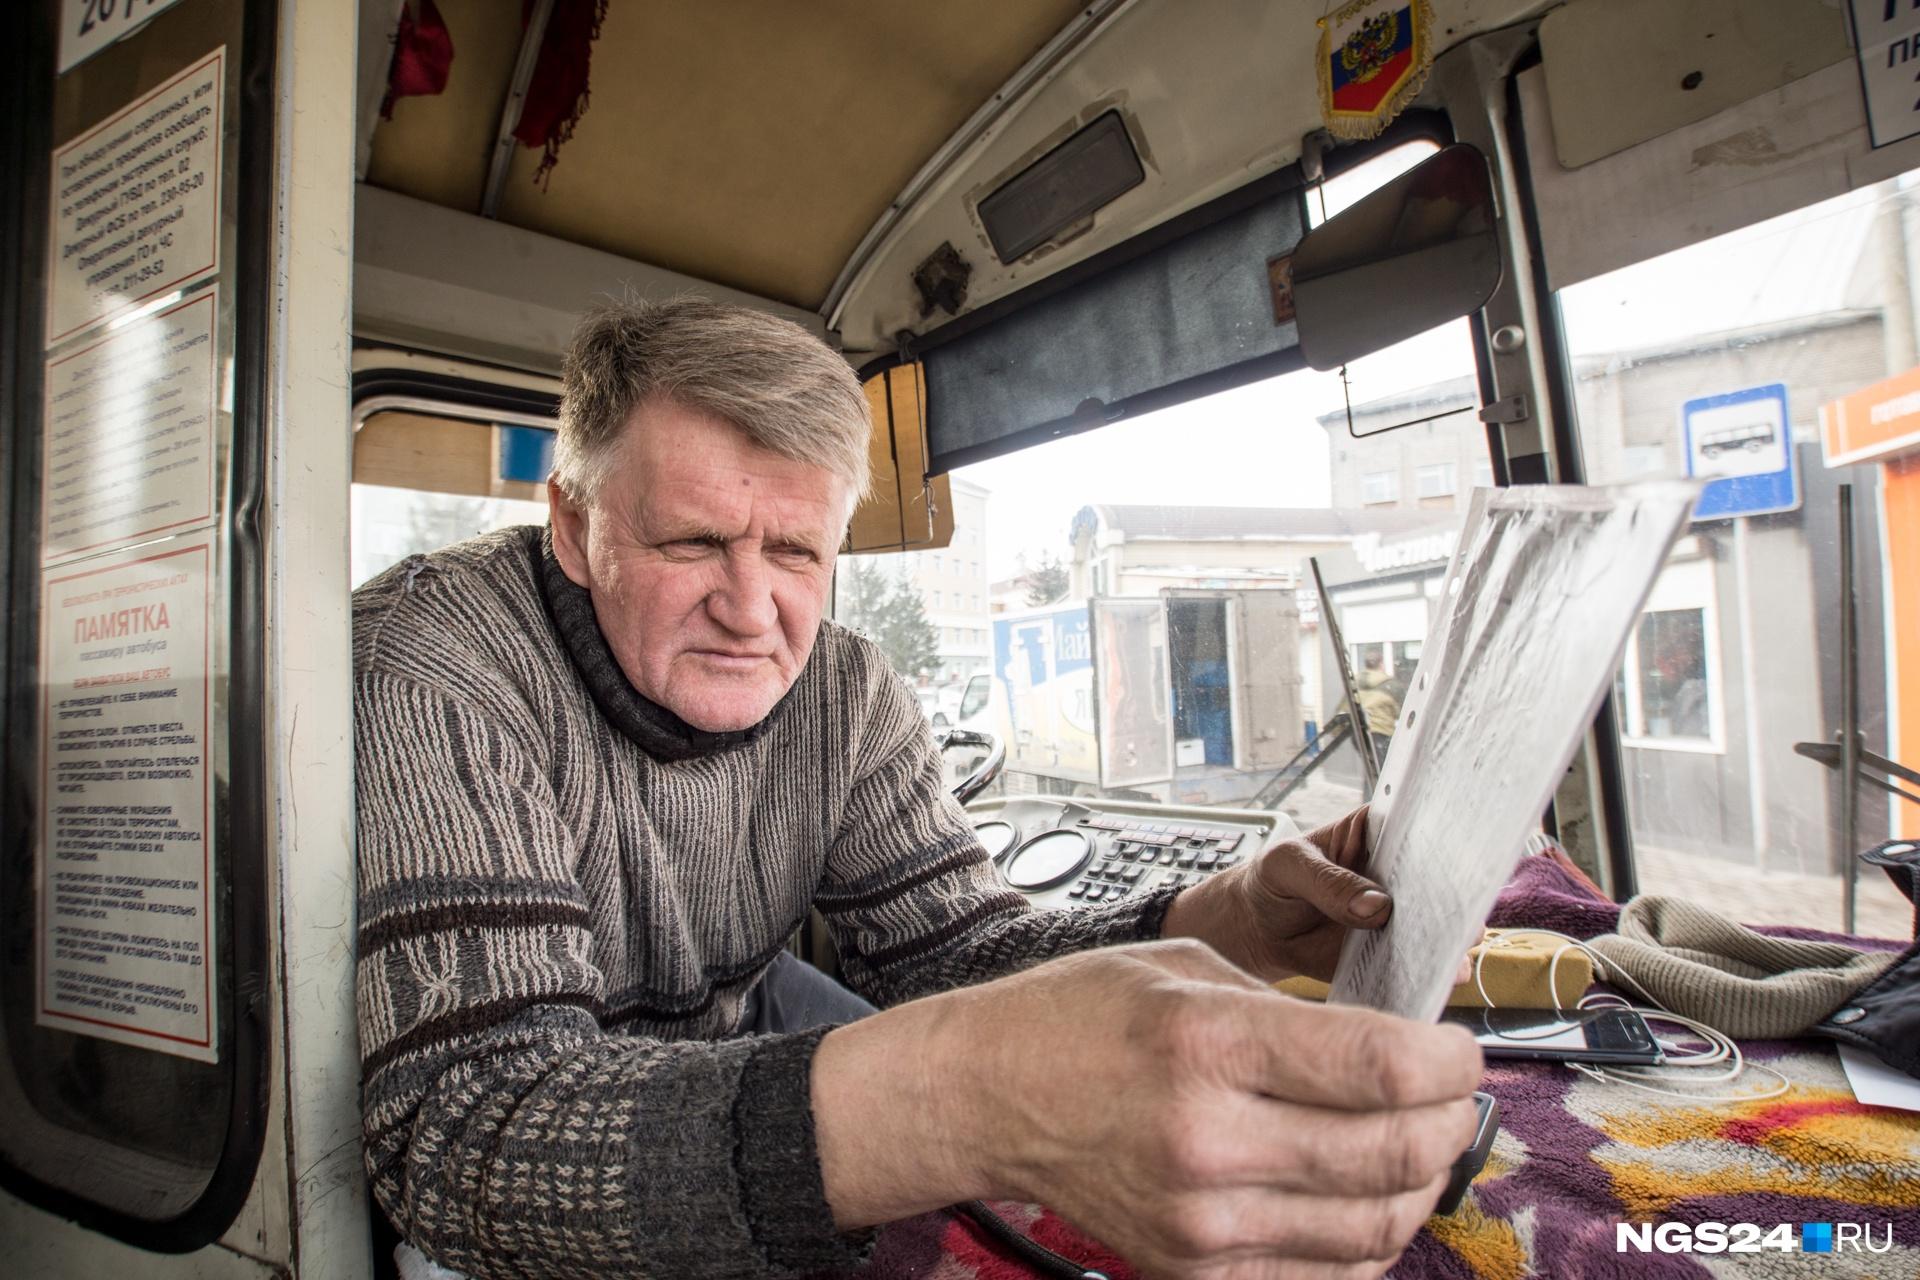 В работе красноярских автобусов Андрея больше всего удивили правила финансовой отчетности